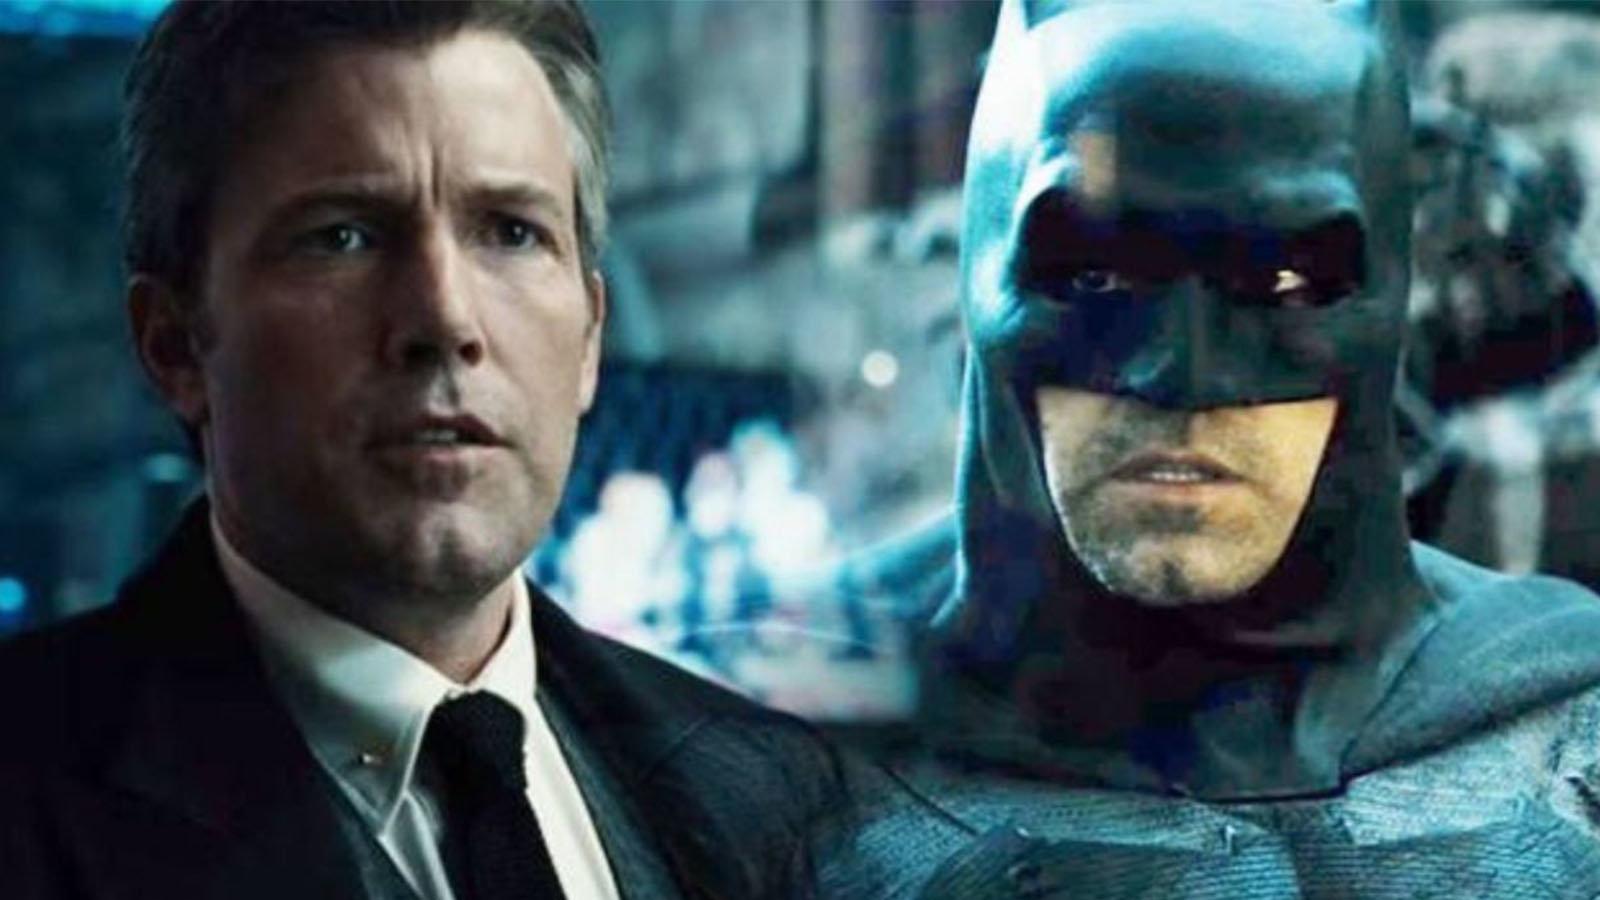 导演马特·里夫斯宣布新《蝙蝠侠》定档2021年6月25日